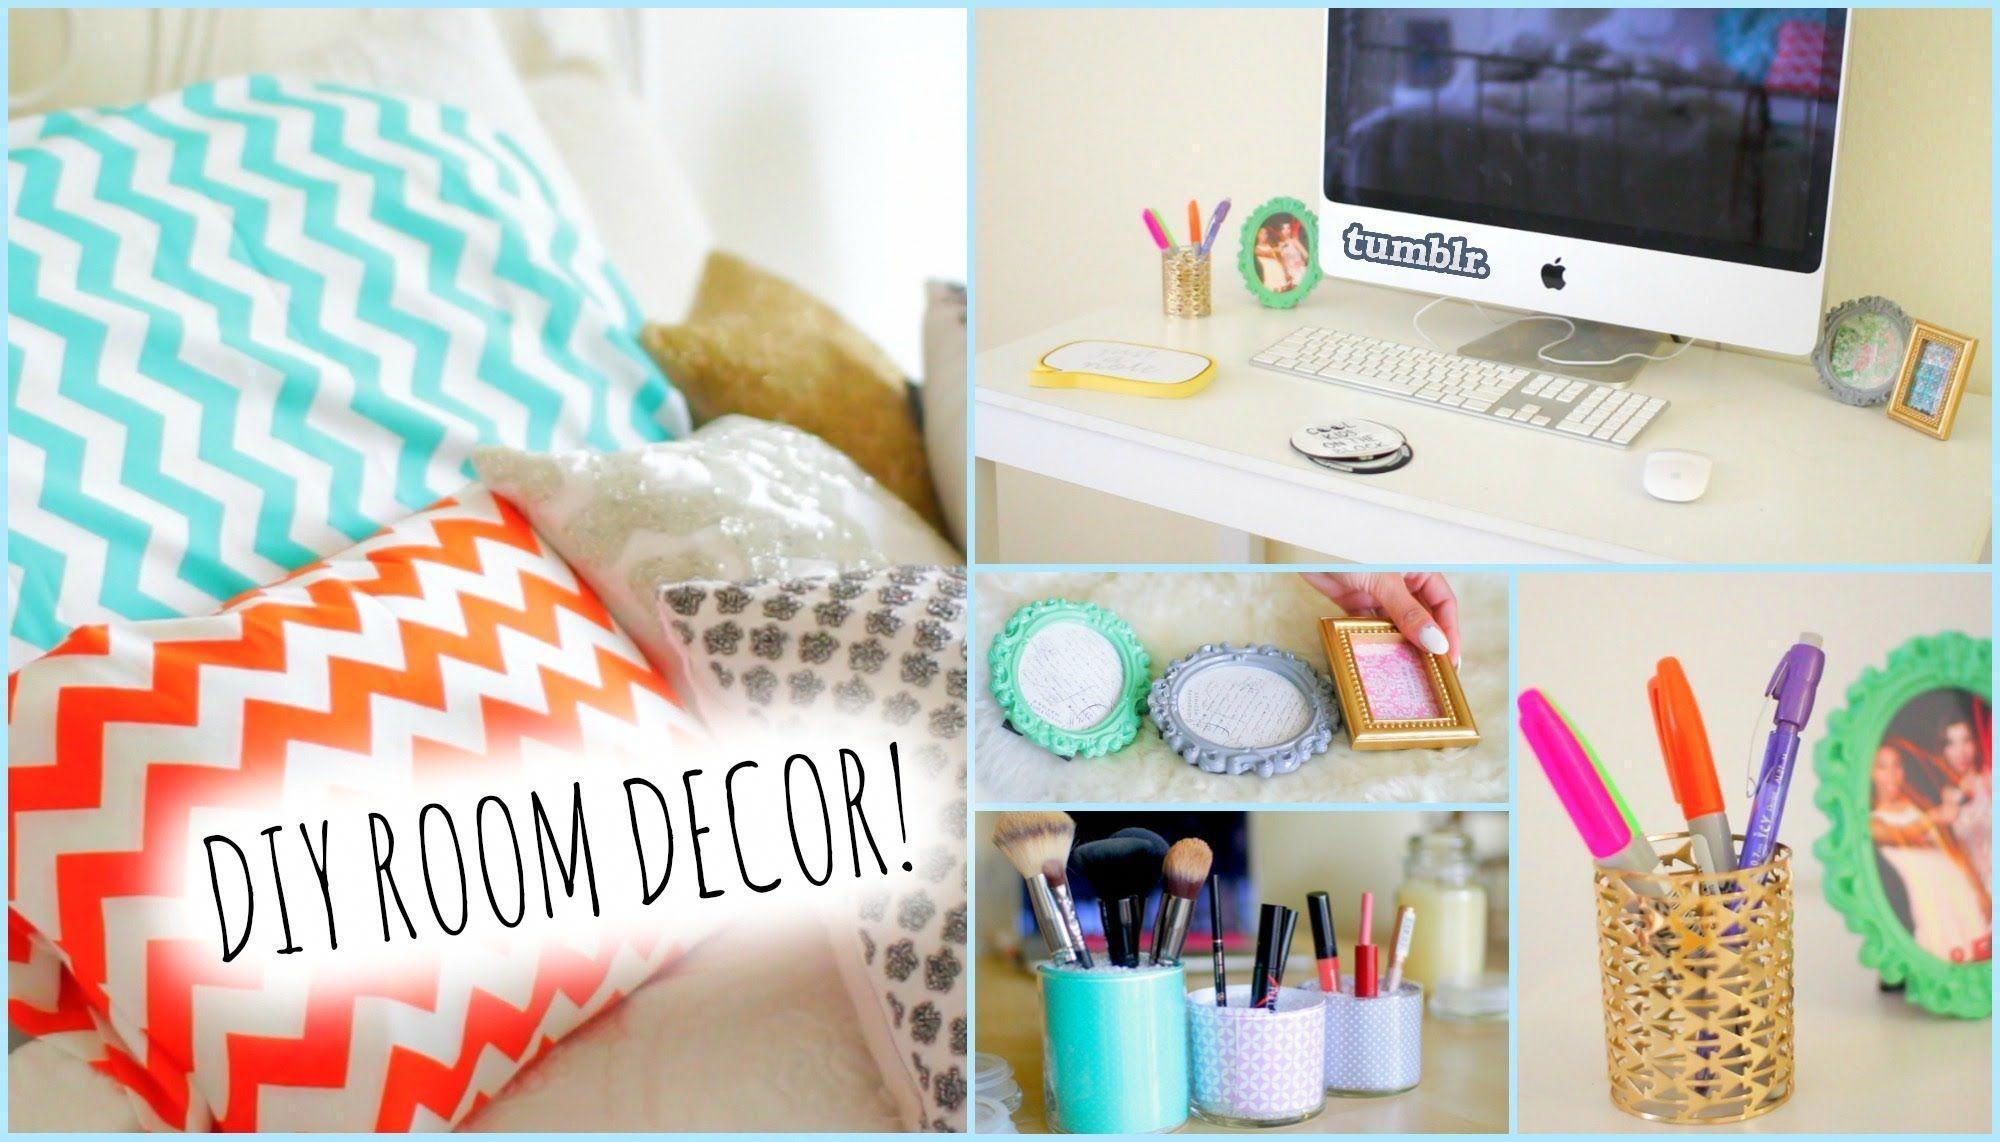 Makeup Brushes Holder Kmart makeupbrushesholder Room